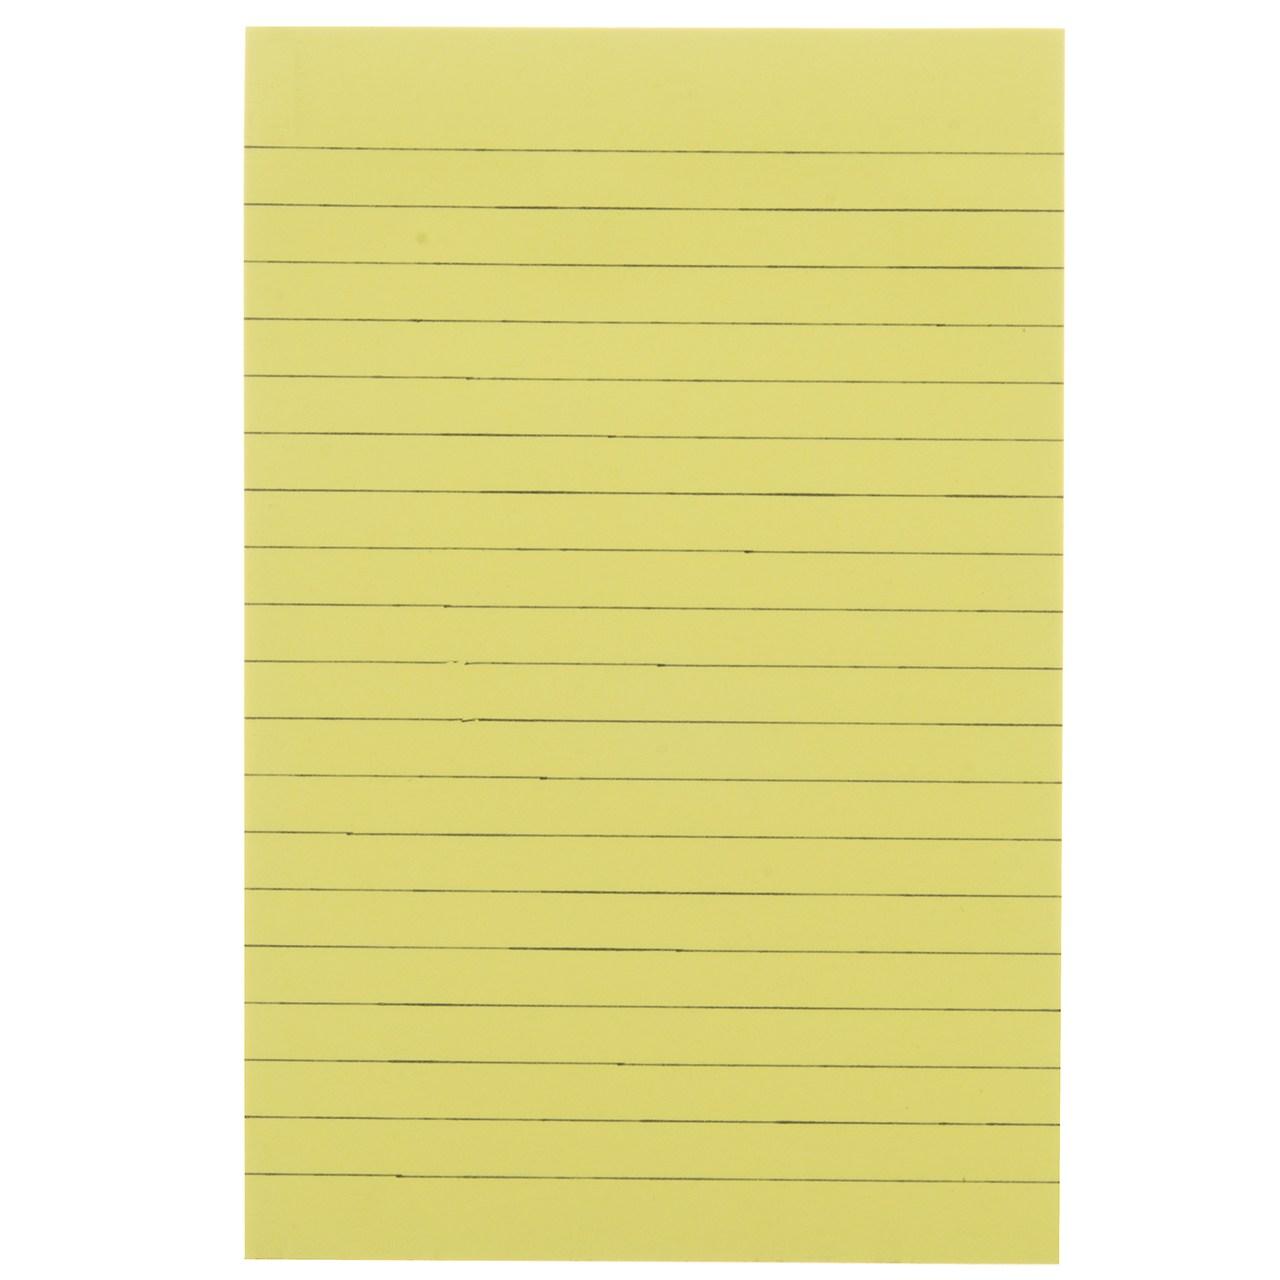 کاغذ یادداشت چسب دار فنس کد 9205  بسته 100 عددی